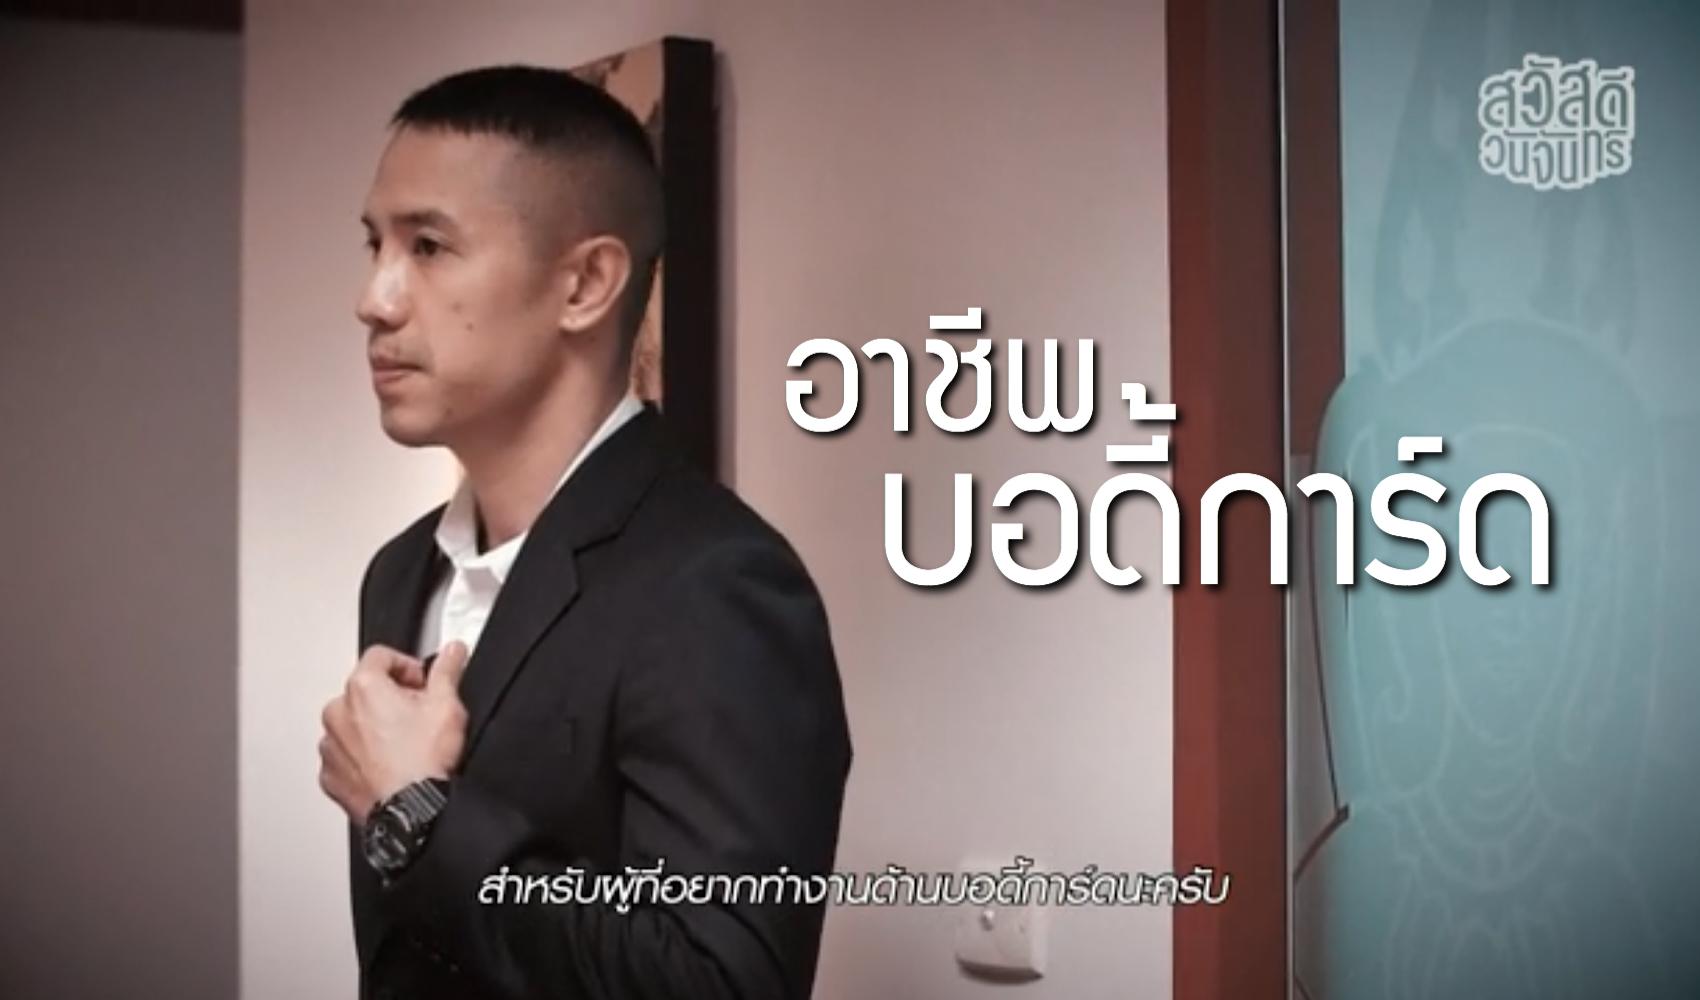 อาชีพบอดี้การ์ด BODYGUARD VIP THAILAND ให้สัมภาษณ์รายการ สวัสดีวันจันทร์ EP 3